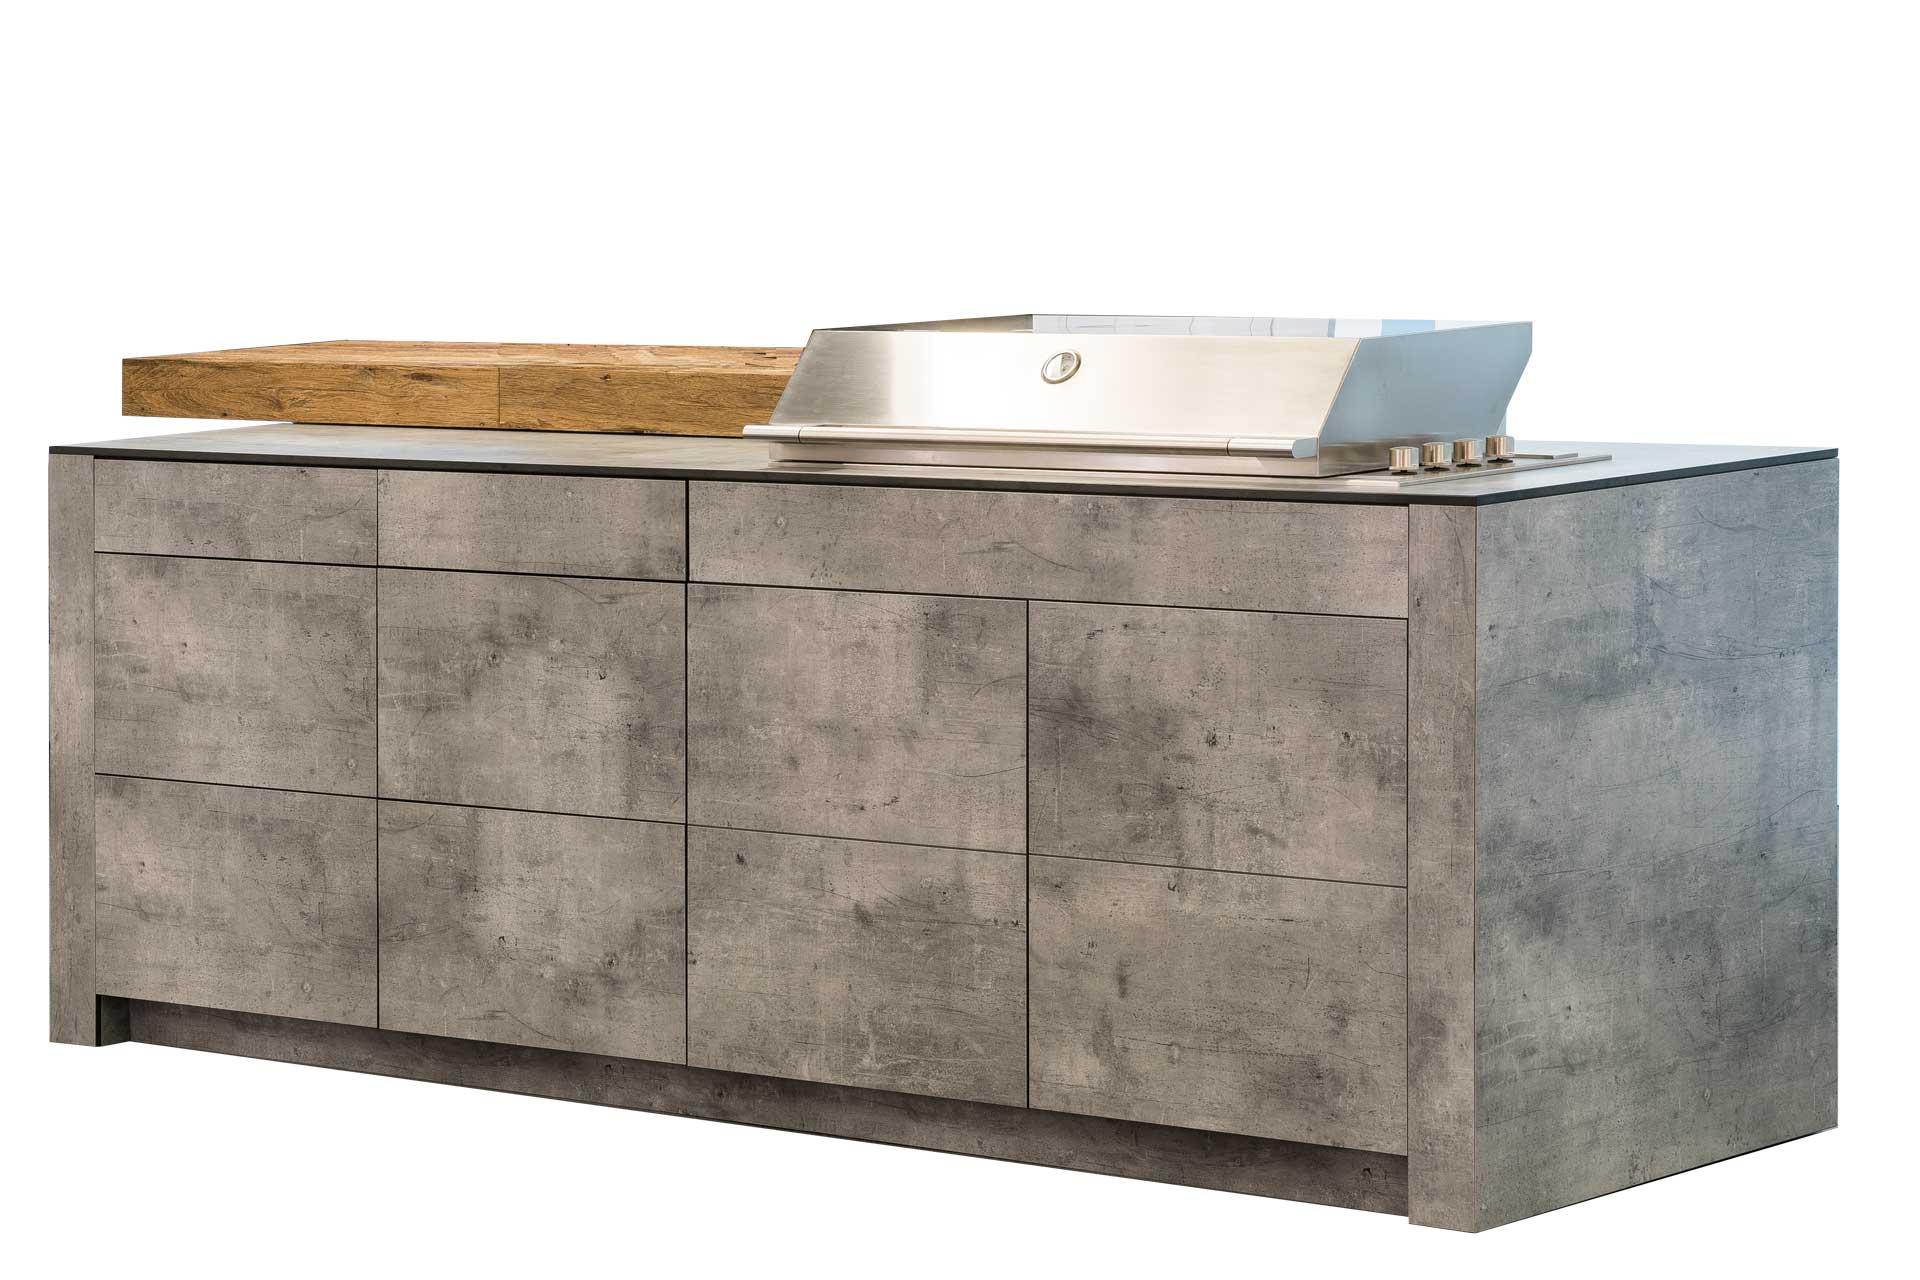 Outdoorküche Garten Edelstahl Kaufen : Outdoor küche edelstahl w and b metal solutions außenküchen